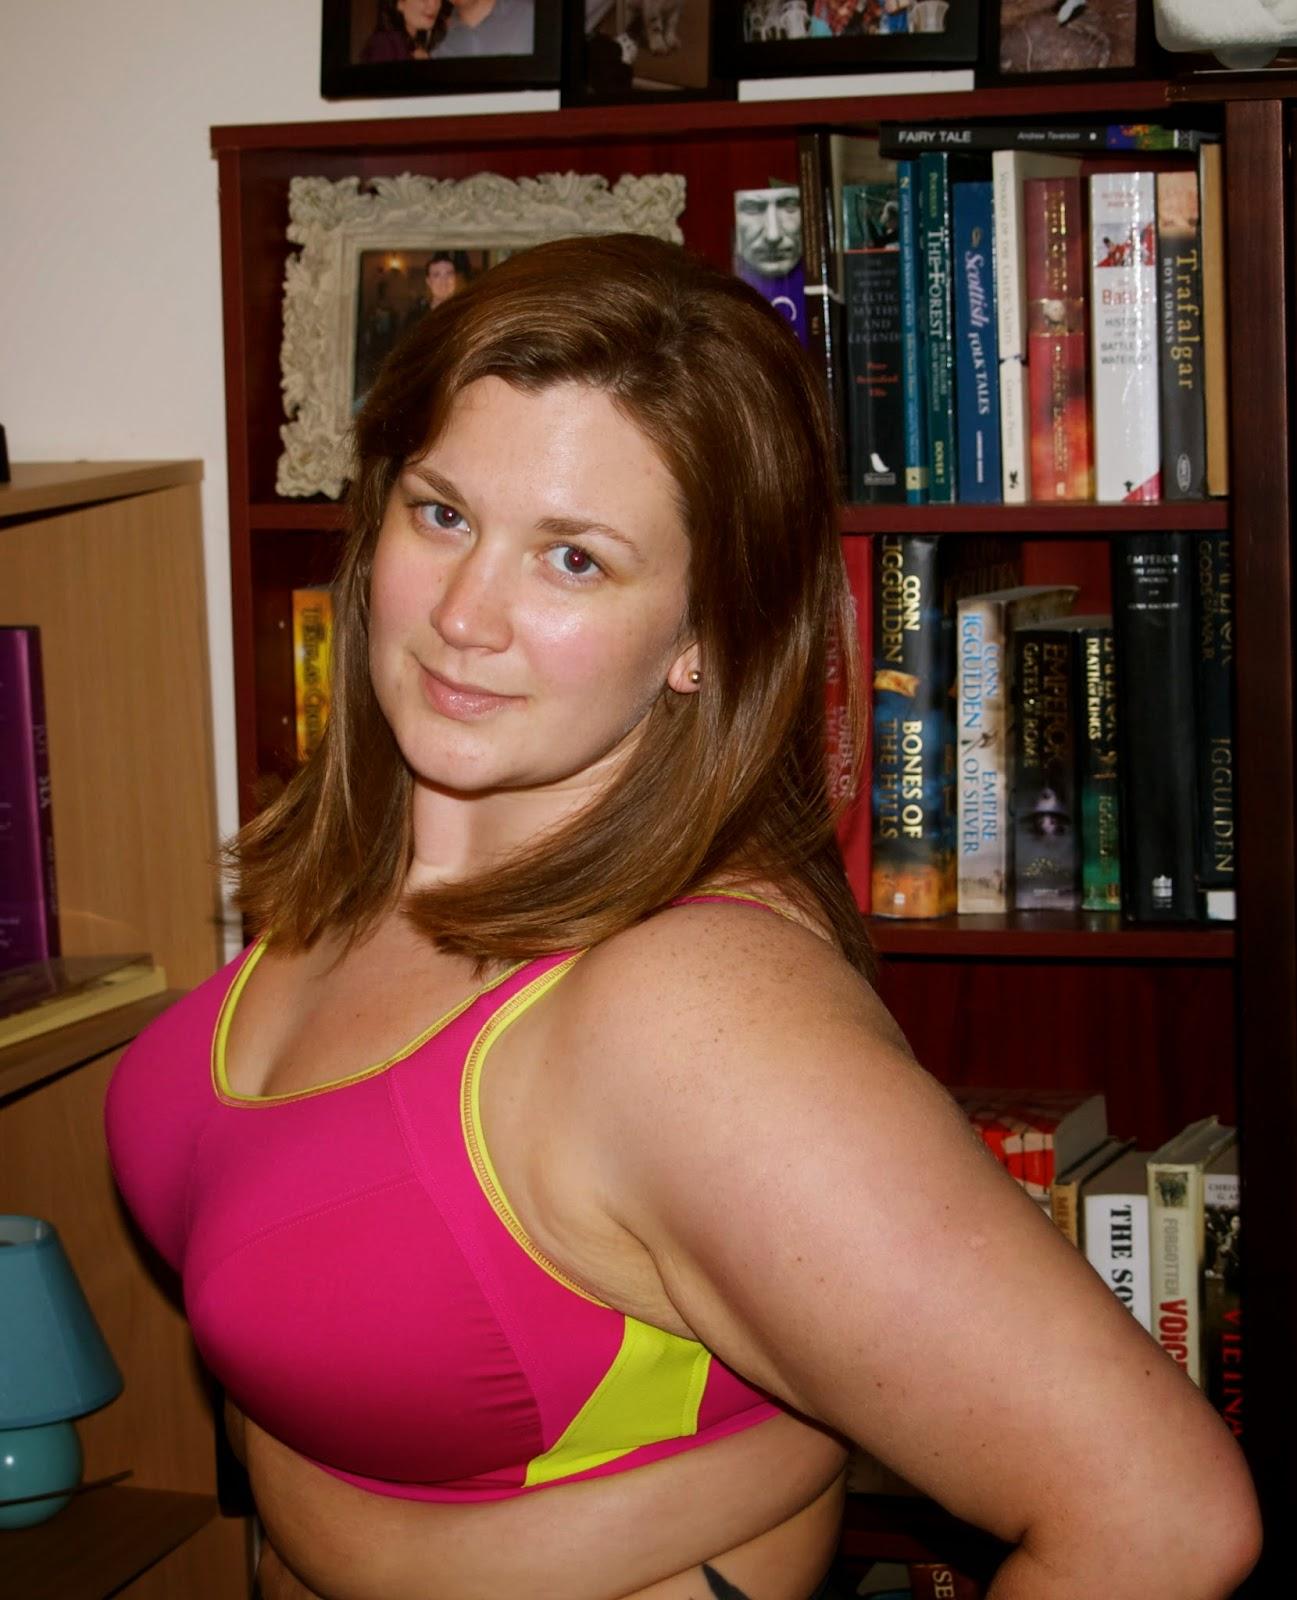 Bbw curvygirl boob flash 2